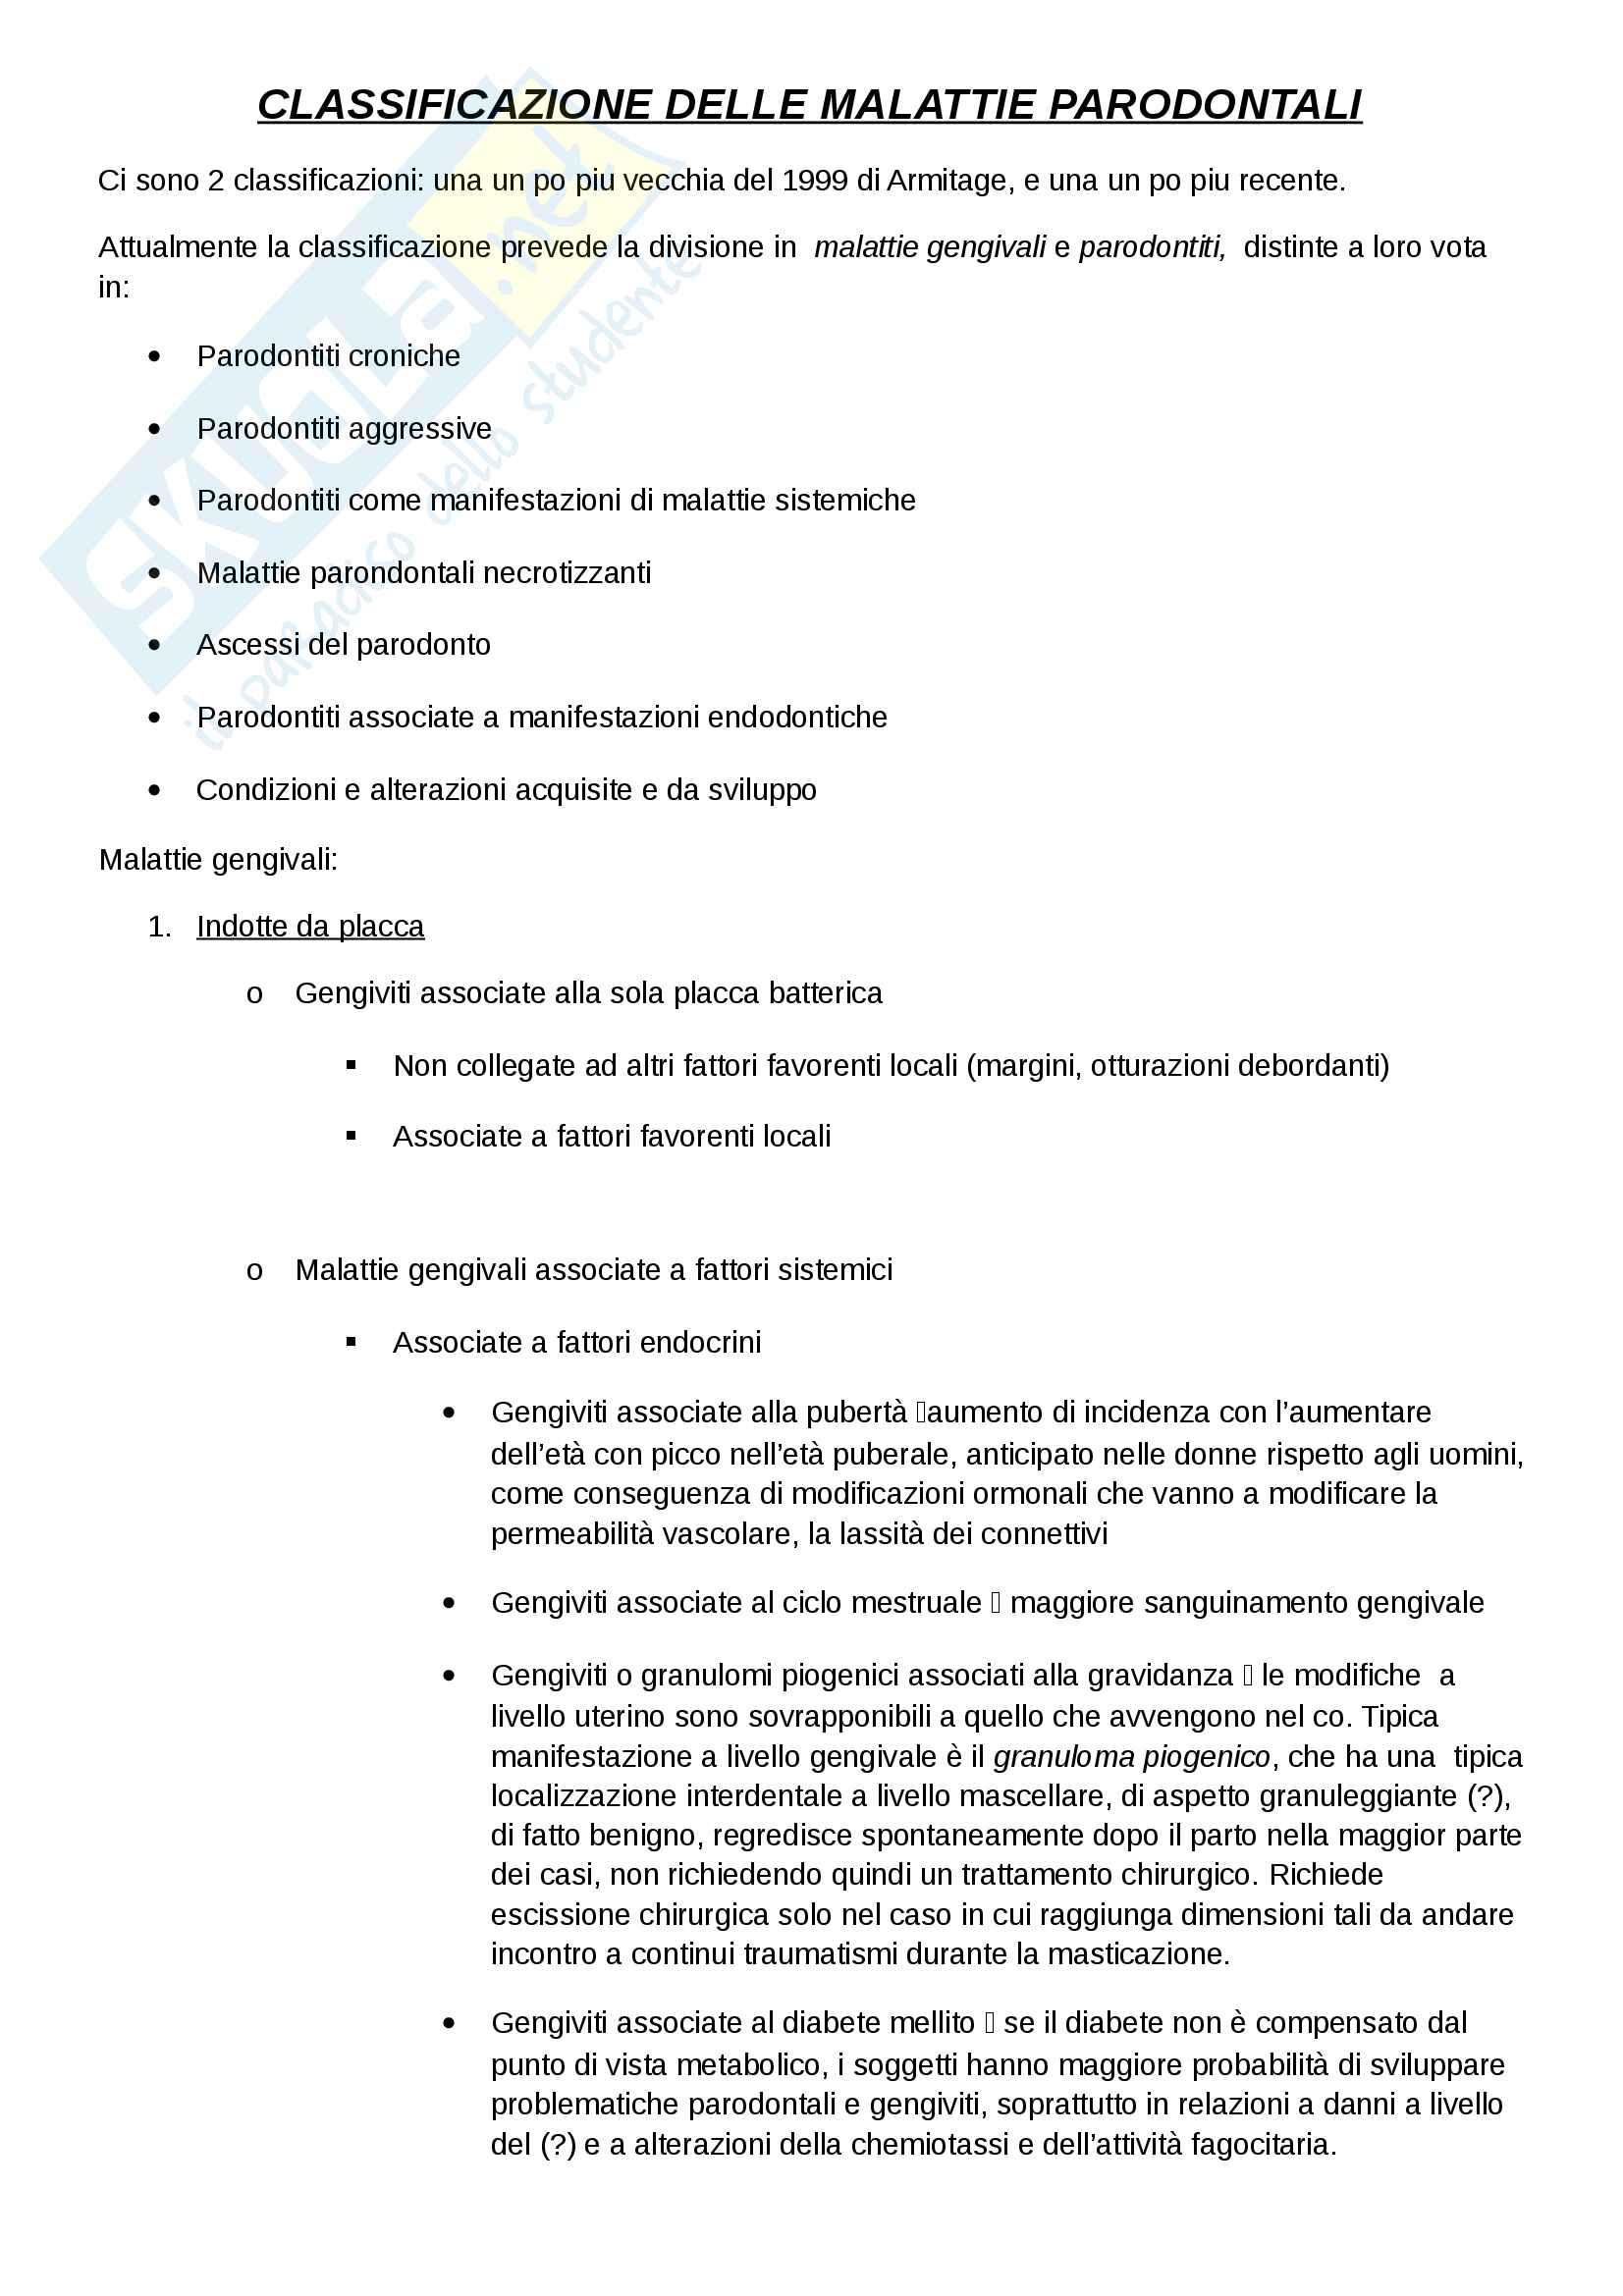 Classificaz. e eziologia della malattia parodontale